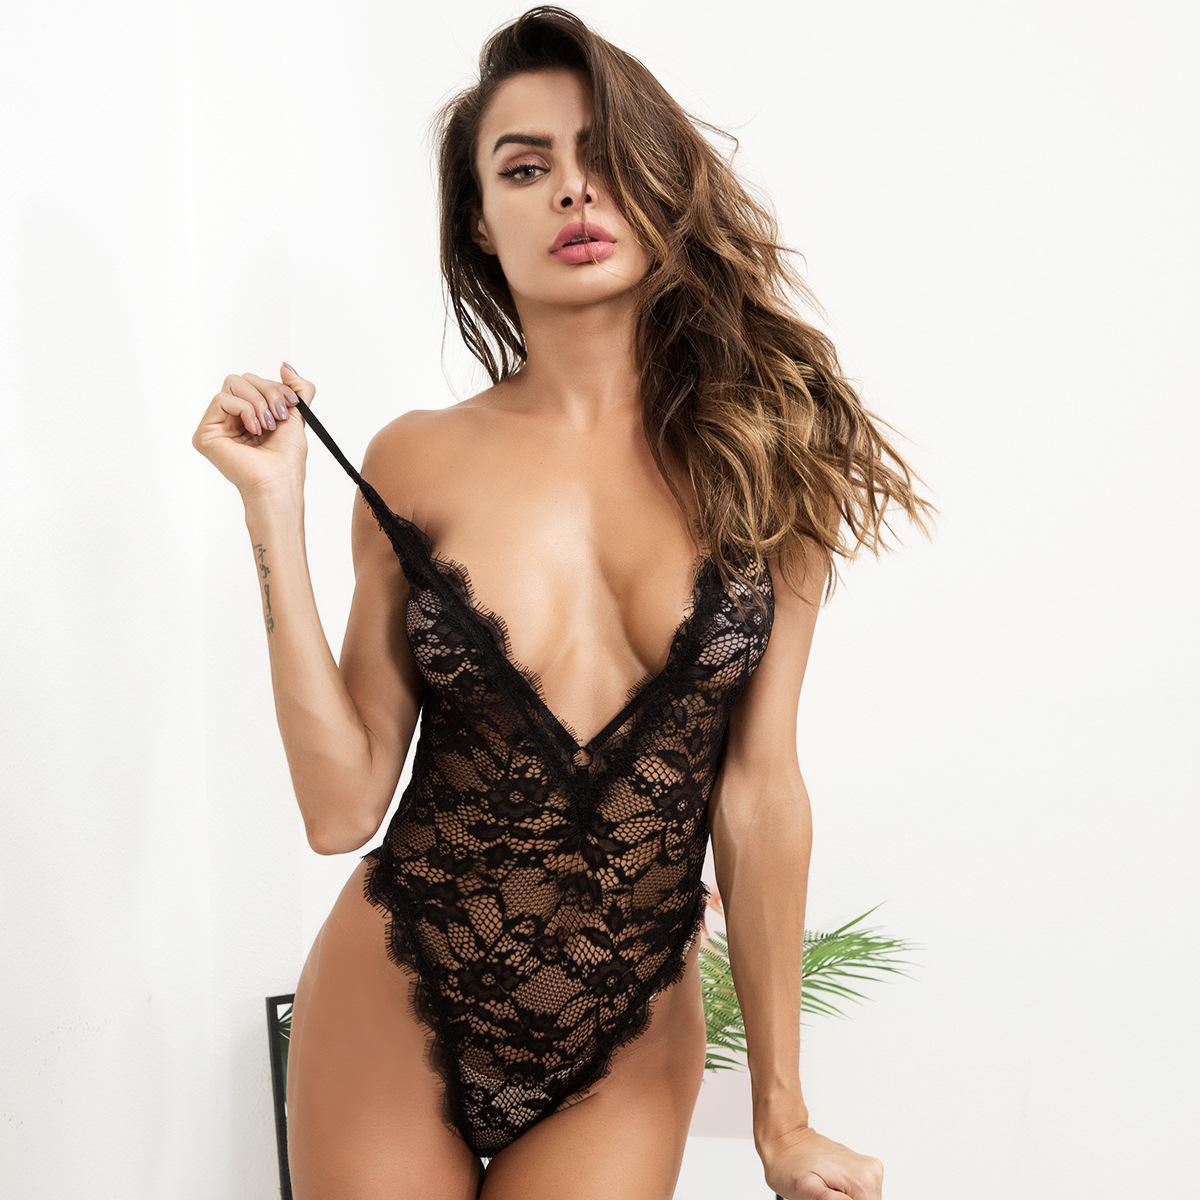 4824880c4 Lingerie Loja Virtual Estação Europeia 2018 Europeus E Americanos  Perspectiva Sexy Lingerie Sexy Coelho Menina Terno De Renda.